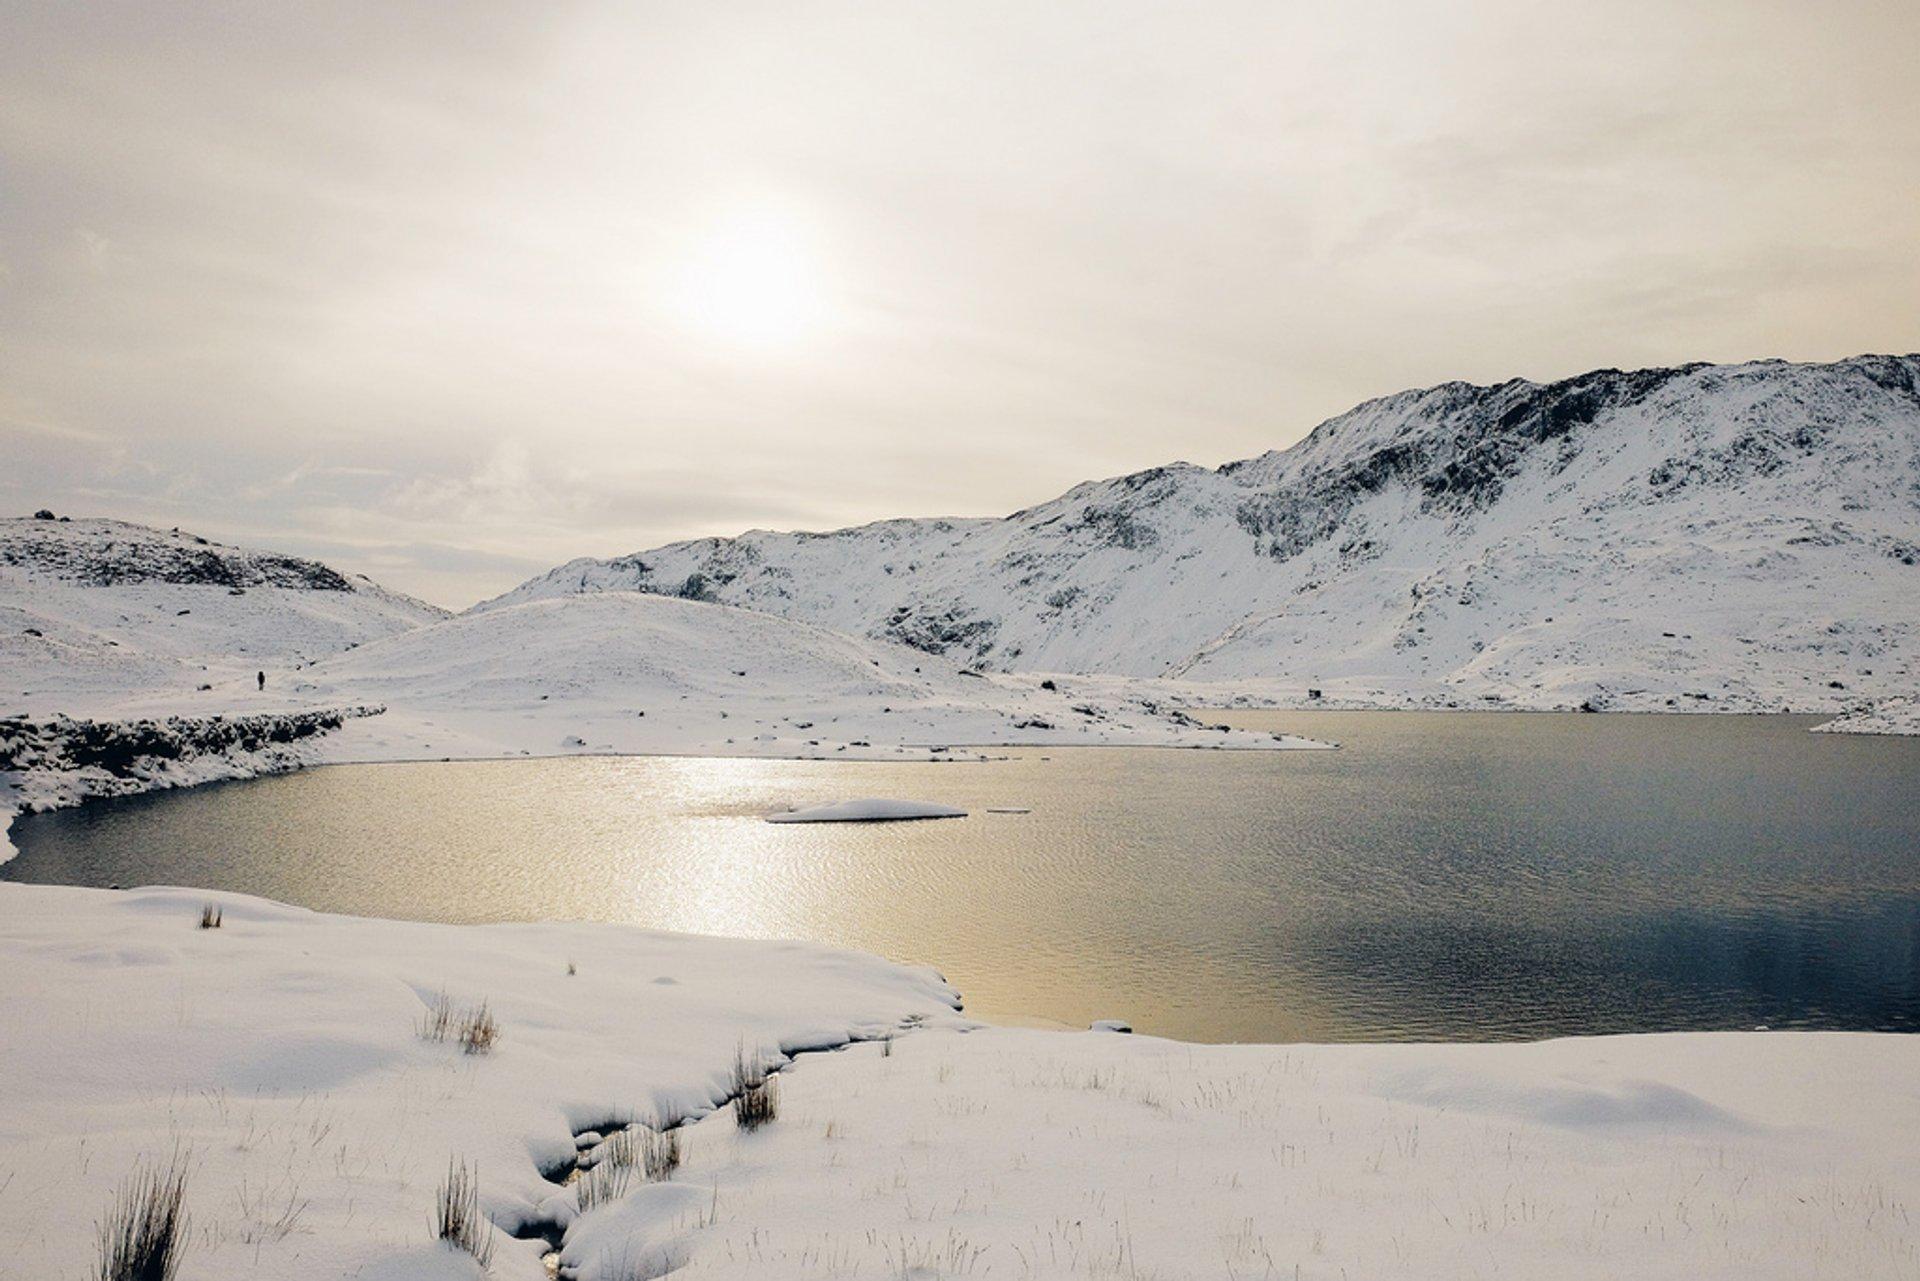 Winter (Gaeaf) in Wales 2020 - Best Time